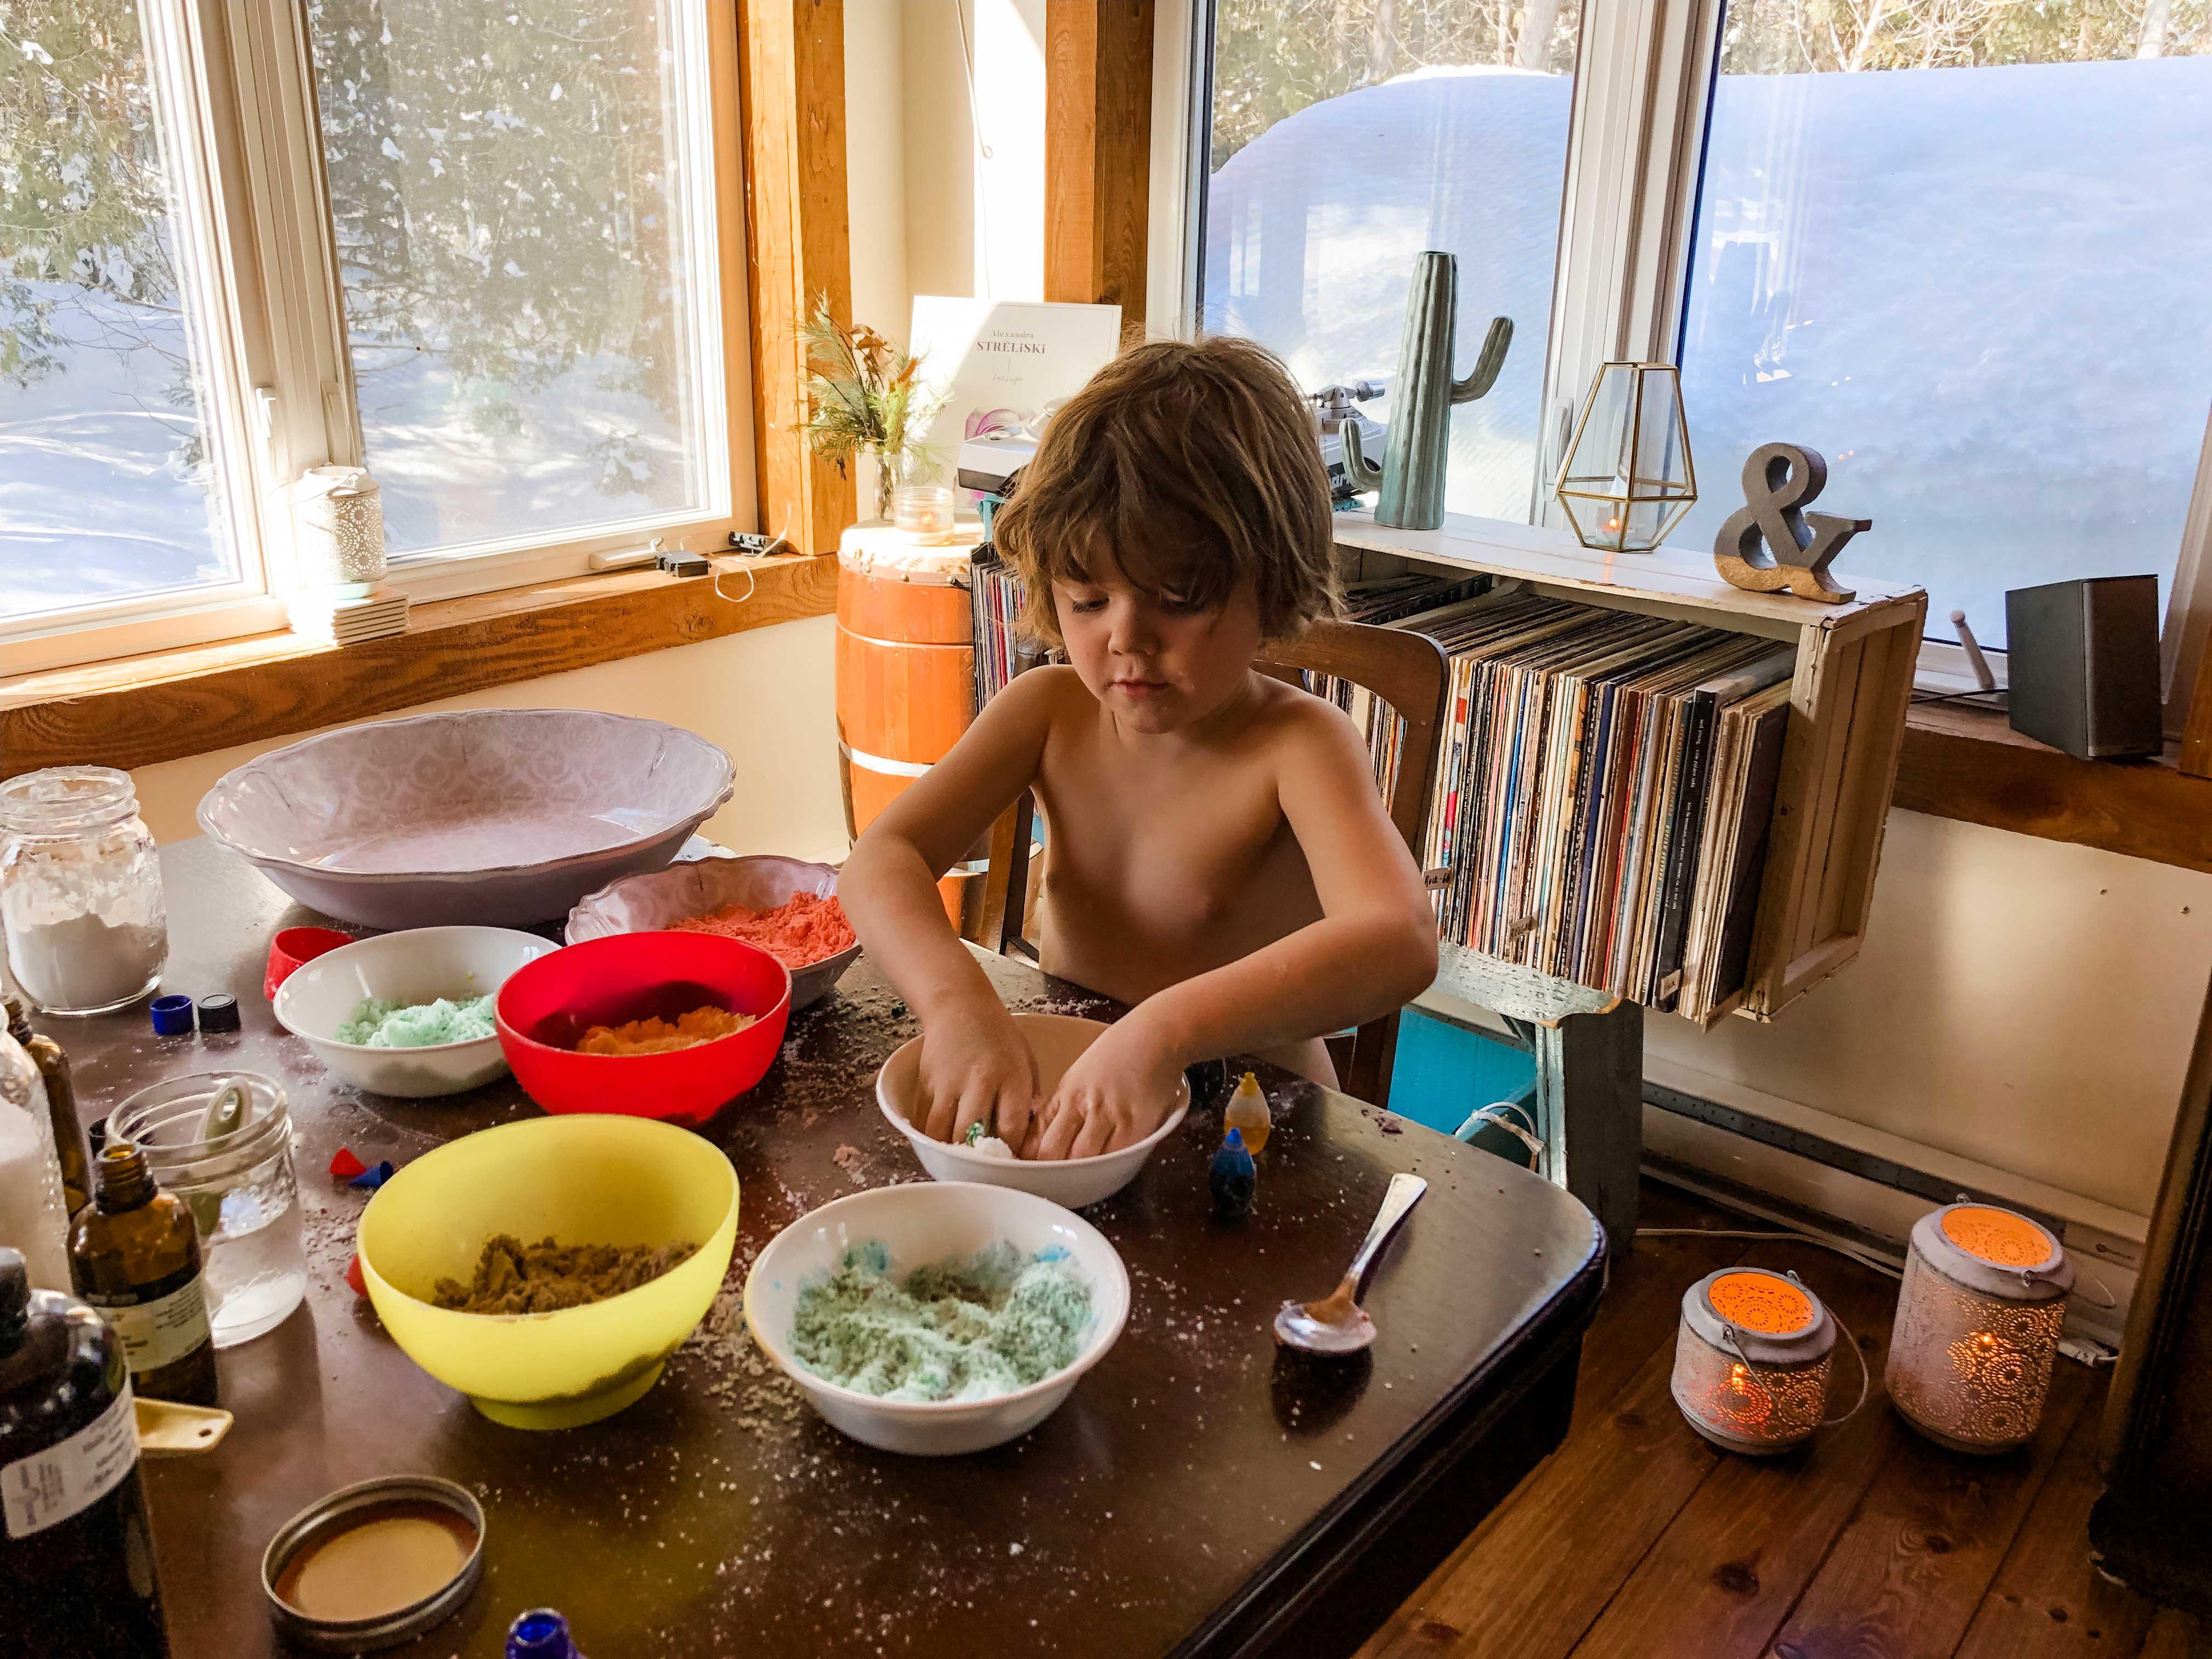 Recette de bombes de bain effervescentes DIY à faire avec ses enfants